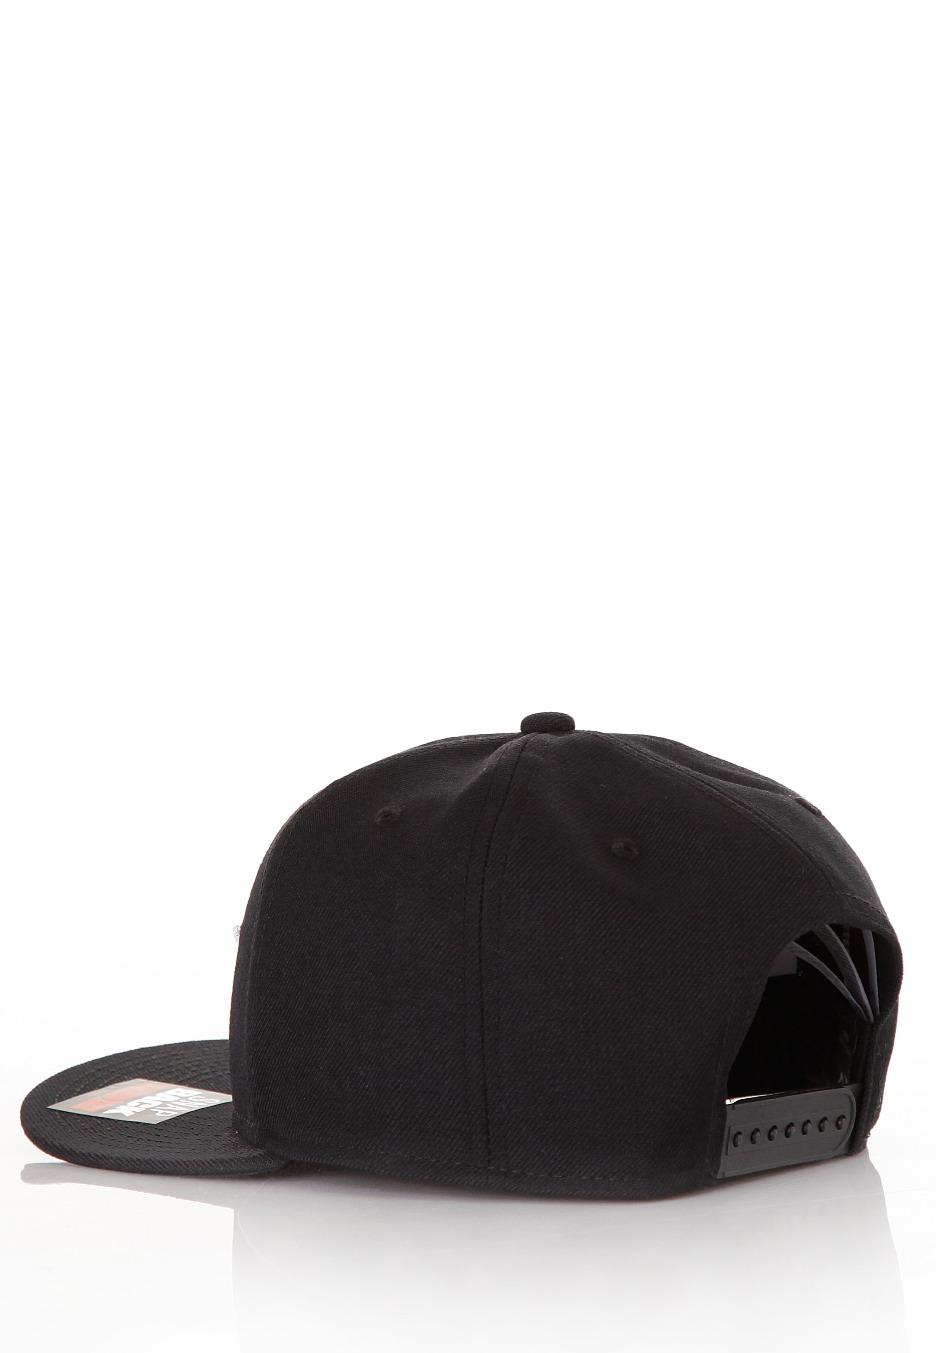 Nike - Futura True 2 Black Black Black White - Cap - Streetwear Shop ... 5eb8c3da69d